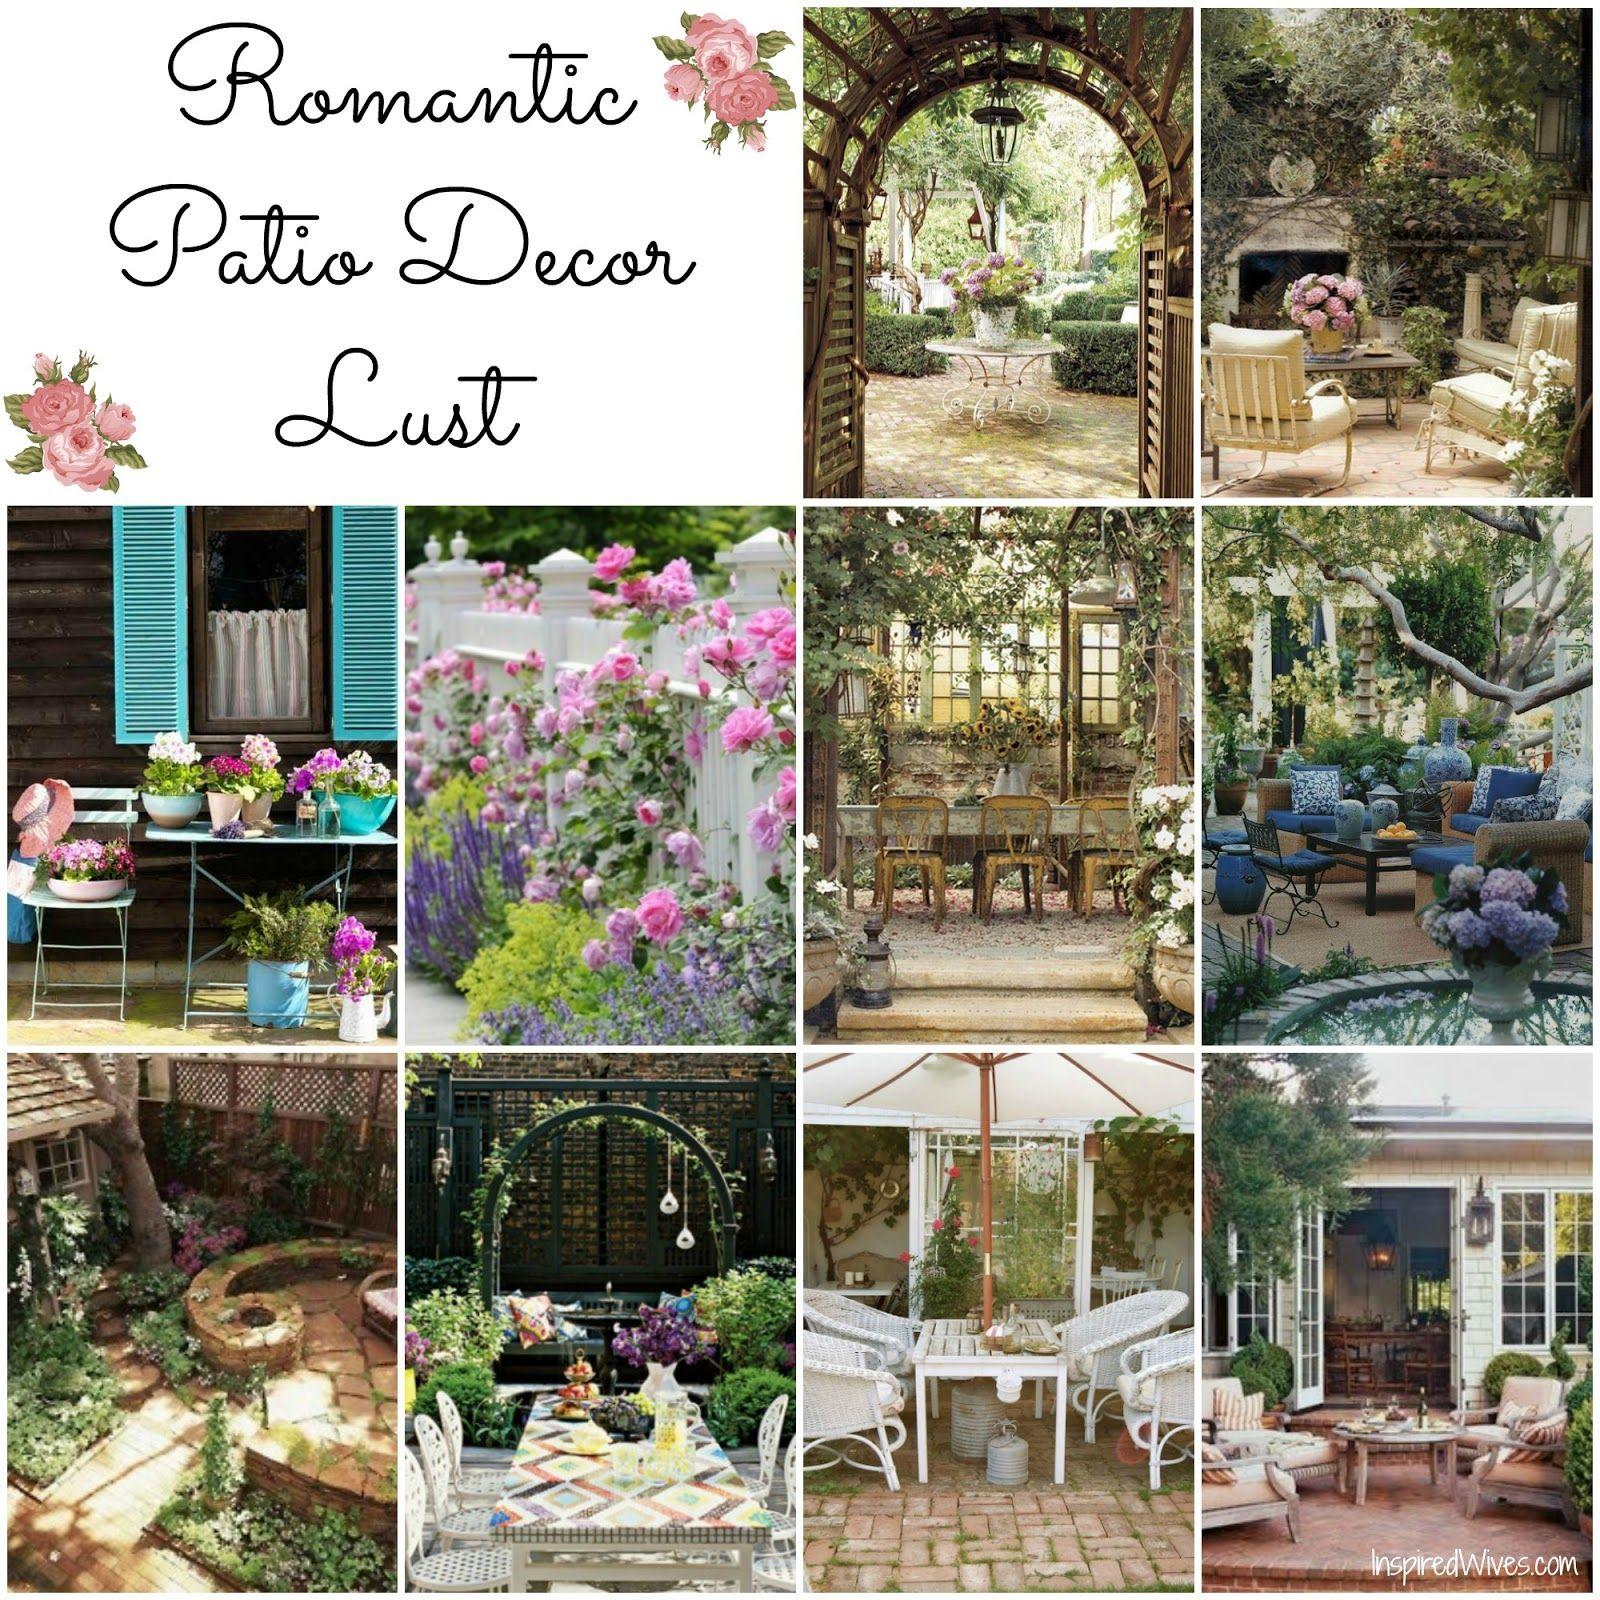 romanticPatio Furniture   Romantic Patio Decor Lust ... on Romantic Patio Ideas id=41186